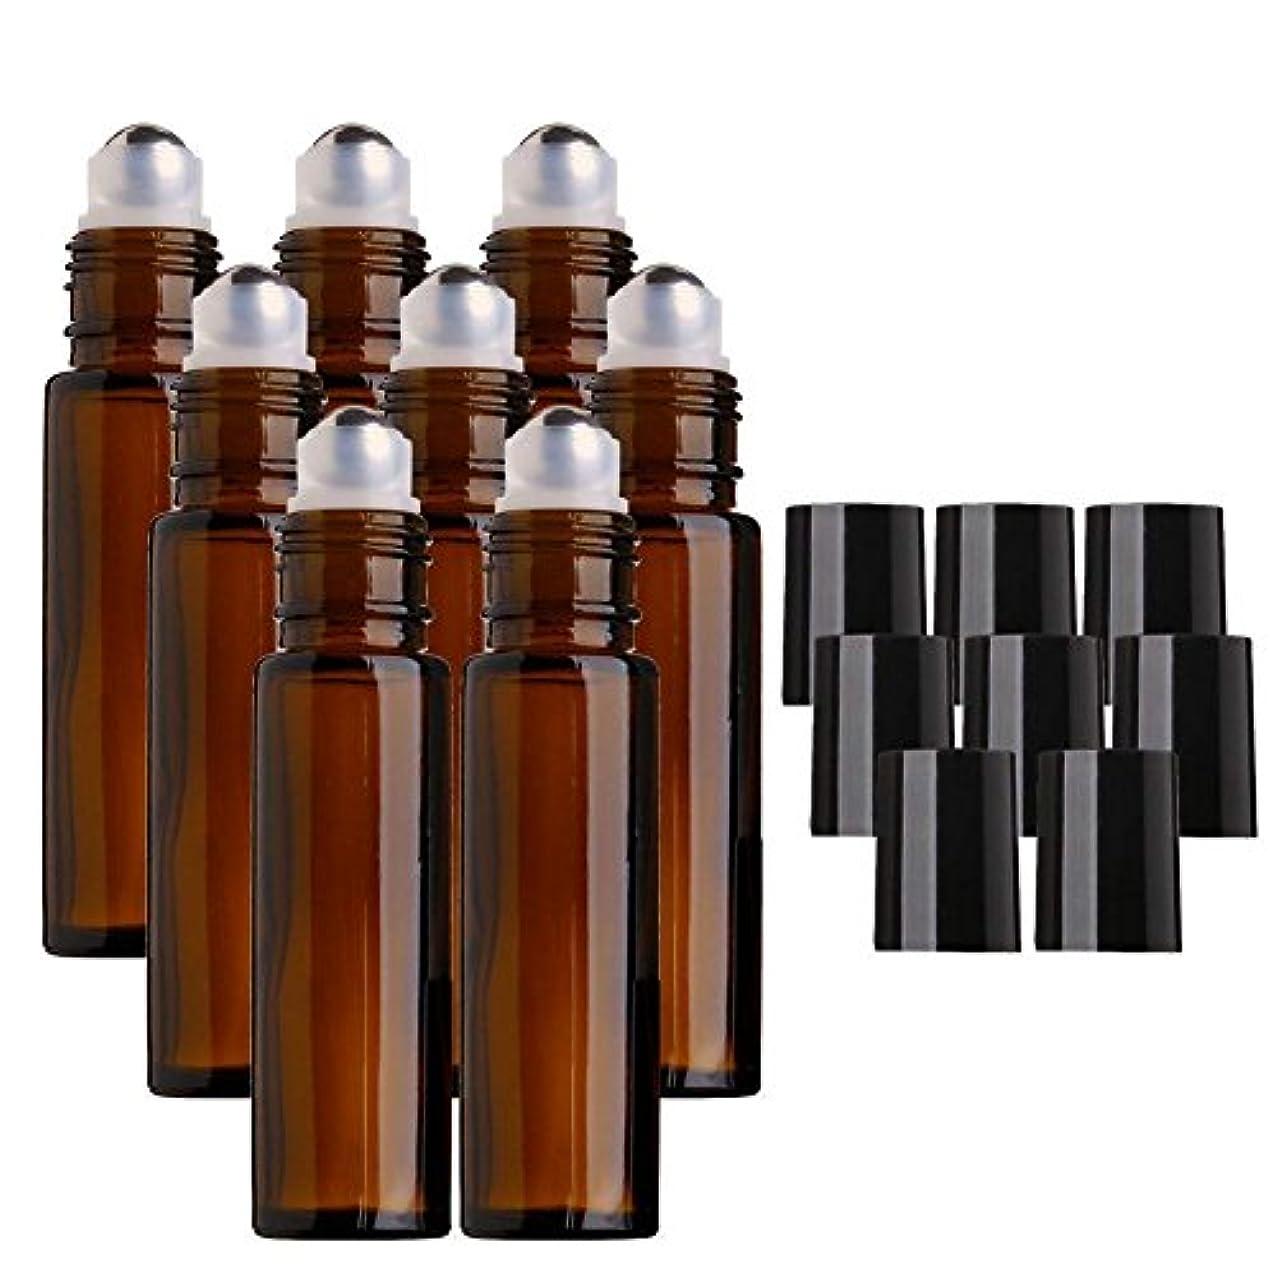 測定可能アラート自明DECAI 8個アロマボトル、アロマ保存容器、ガラス瓶、ガラスびん、エッセンシャルオイルボトル、ステンレススチール製メタルボール付き10mlアンバーガラスローラーボトル、エッセンシャルオイル、アロマテラピー香水、液体用ローラーボールボトル...